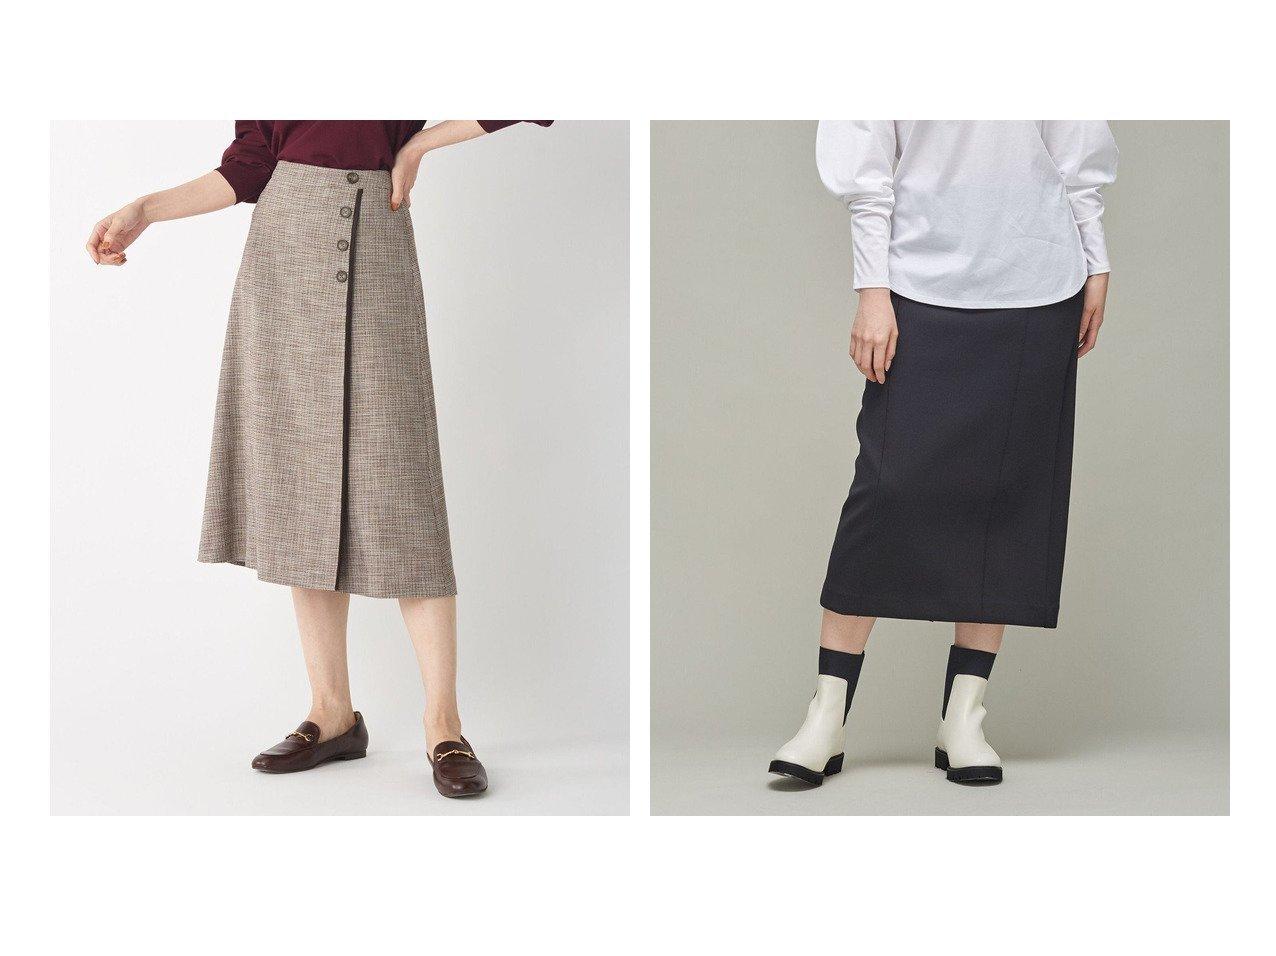 【J.PRESS/ジェイ プレス】の【洗える】RIOPERE MIXチェック スカート&【iCB/アイシービー】のヘヴィダンボール タイトスカート 【スカート】おすすめ!人気、トレンド・レディースファッションの通販 おすすめで人気の流行・トレンド、ファッションの通販商品 インテリア・家具・メンズファッション・キッズファッション・レディースファッション・服の通販 founy(ファニー) https://founy.com/ ファッション Fashion レディースファッション WOMEN スカート Skirt 洗える シンプル スエード ストレッチ チェック トリミング トレンド バランス フラット 送料無料 Free Shipping セットアップ タイトスカート パーカー リラックス 冬 Winter A/W・秋冬 AW・Autumn/Winter・FW・Fall-Winter 2021年 2021 2021-2022秋冬・A/W AW・Autumn/Winter・FW・Fall-Winter・2021-2022 おすすめ Recommend |ID:crp329100000066646